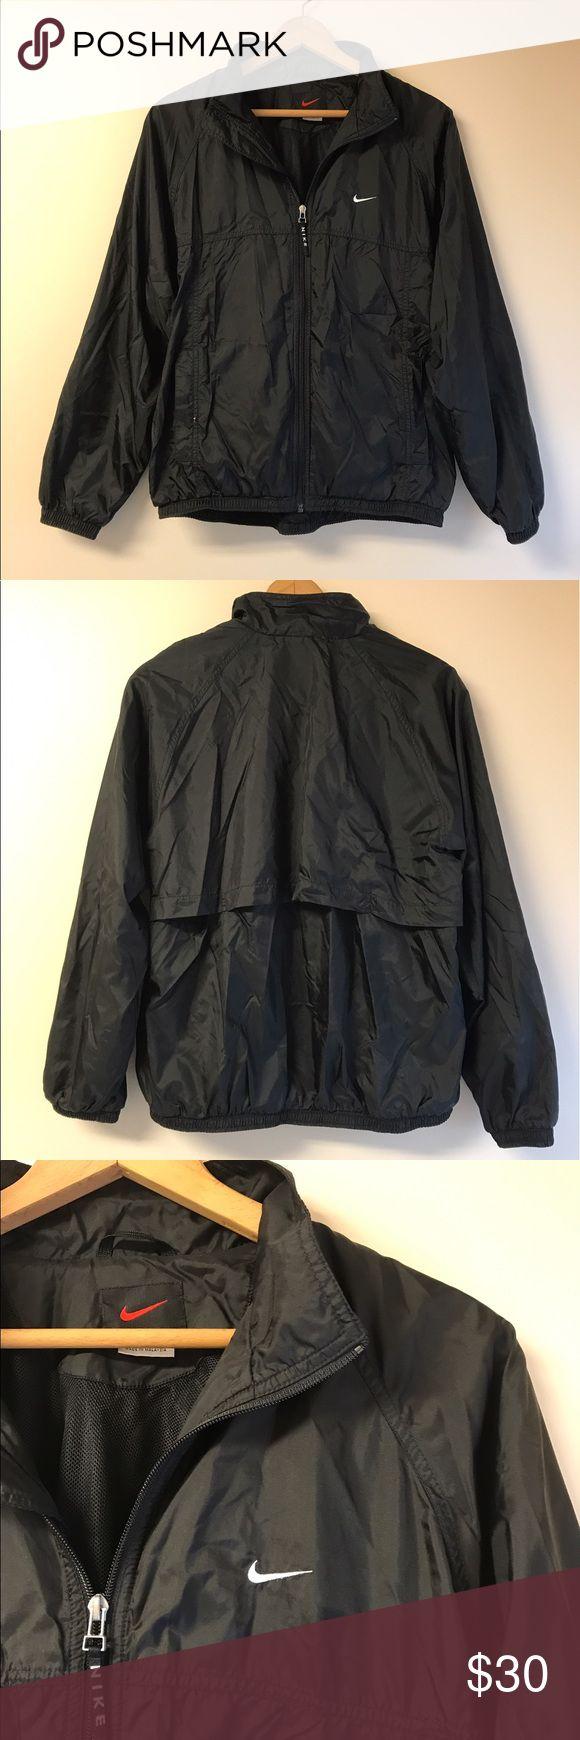 Nike jacket in chinese - Nike Vintage Full Zip Windbreaker